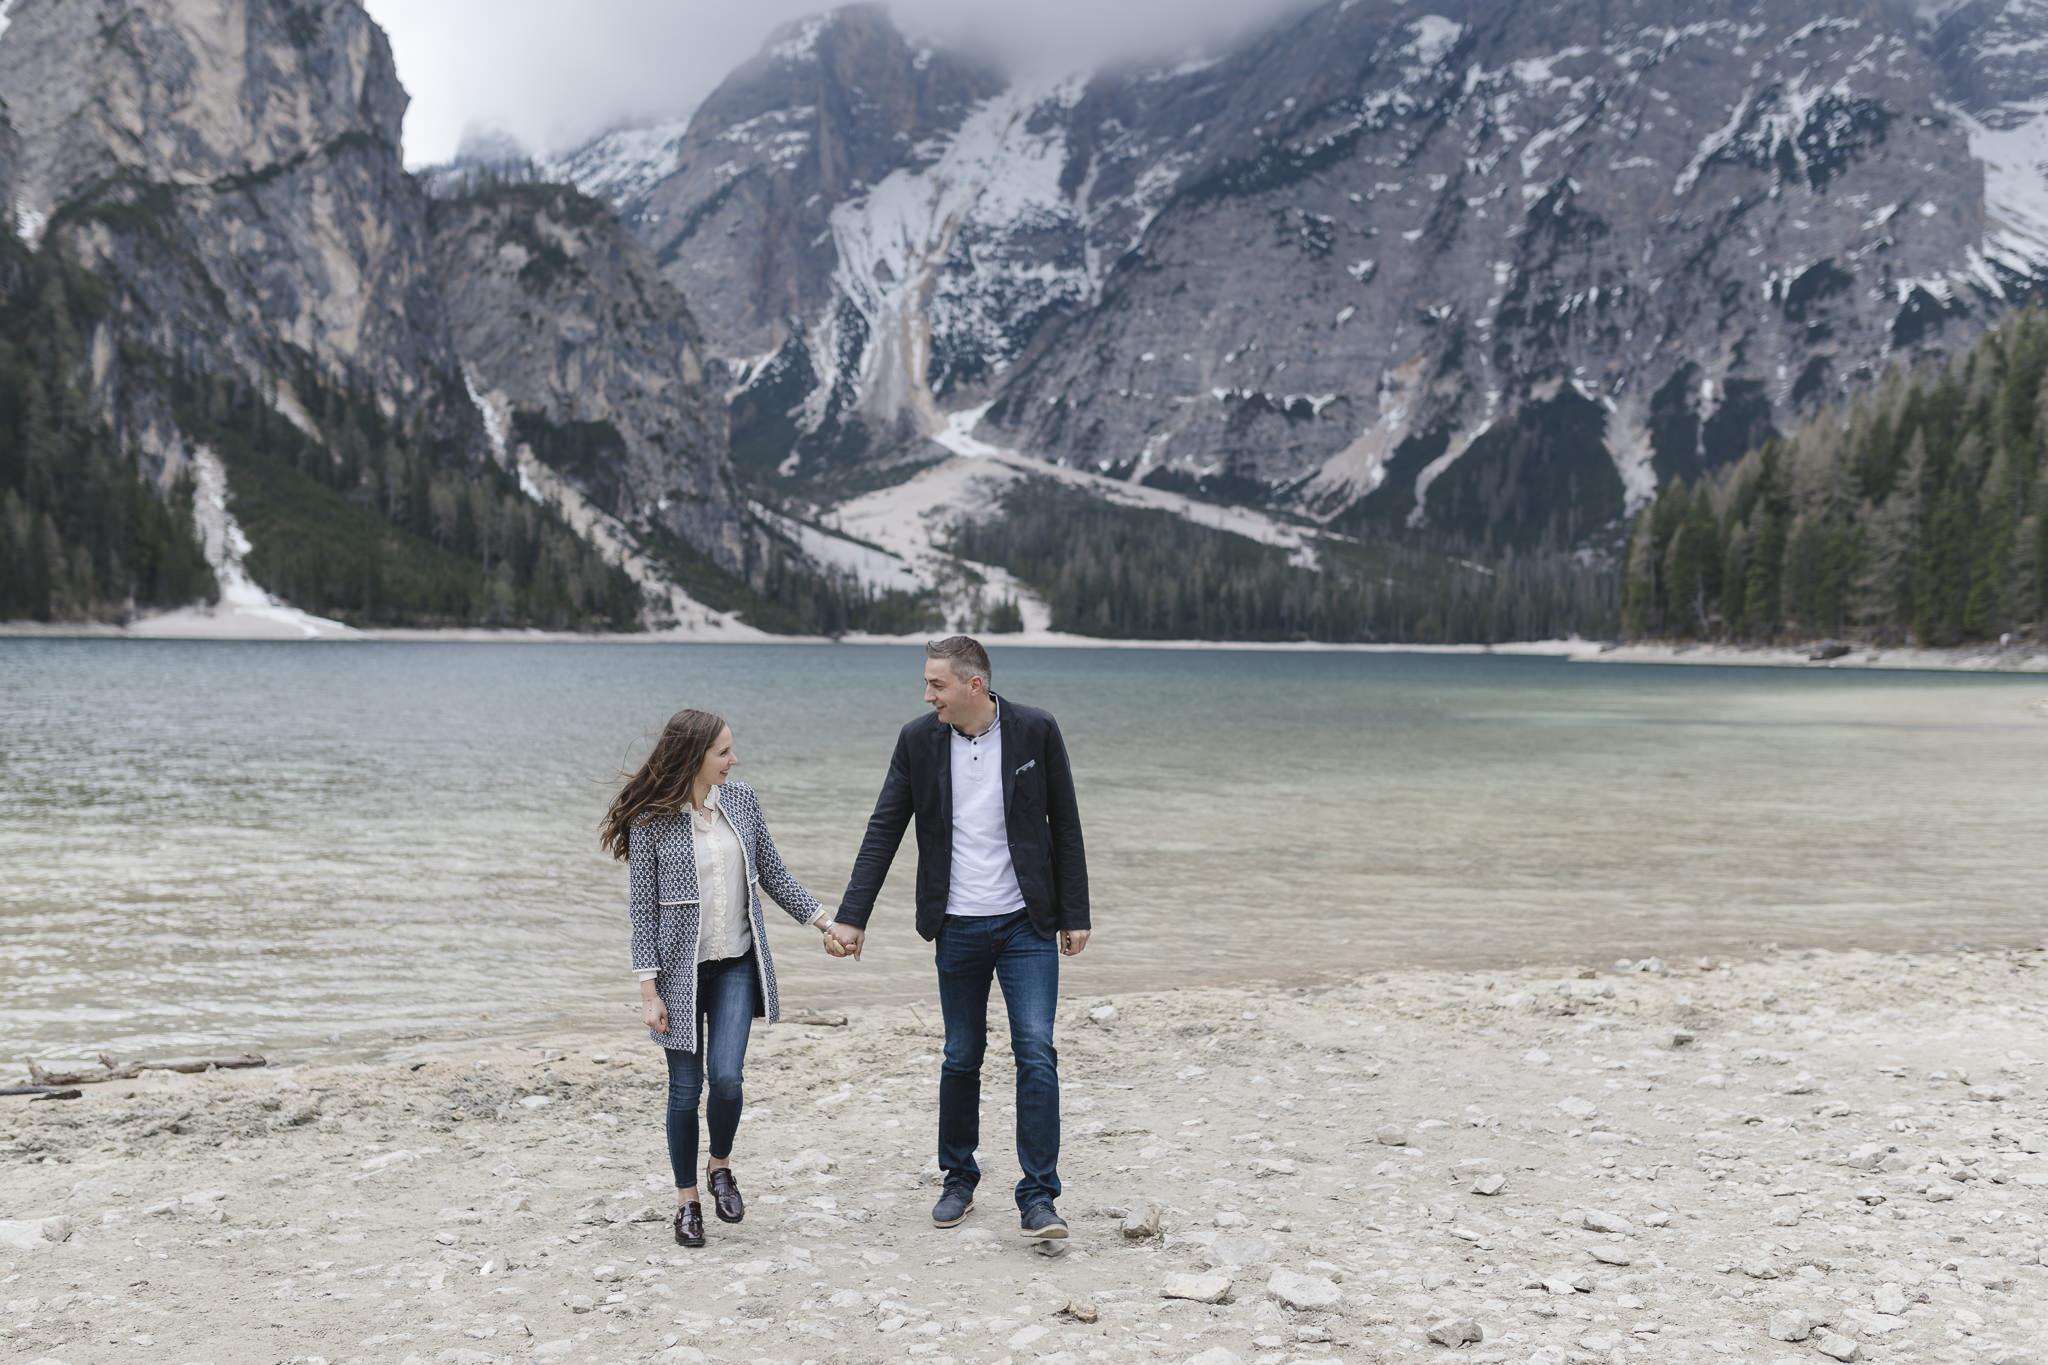 Imagevideo Dreh am Pragser Wildsee - Paar geht händchenhaltend vor Bergsee entlang